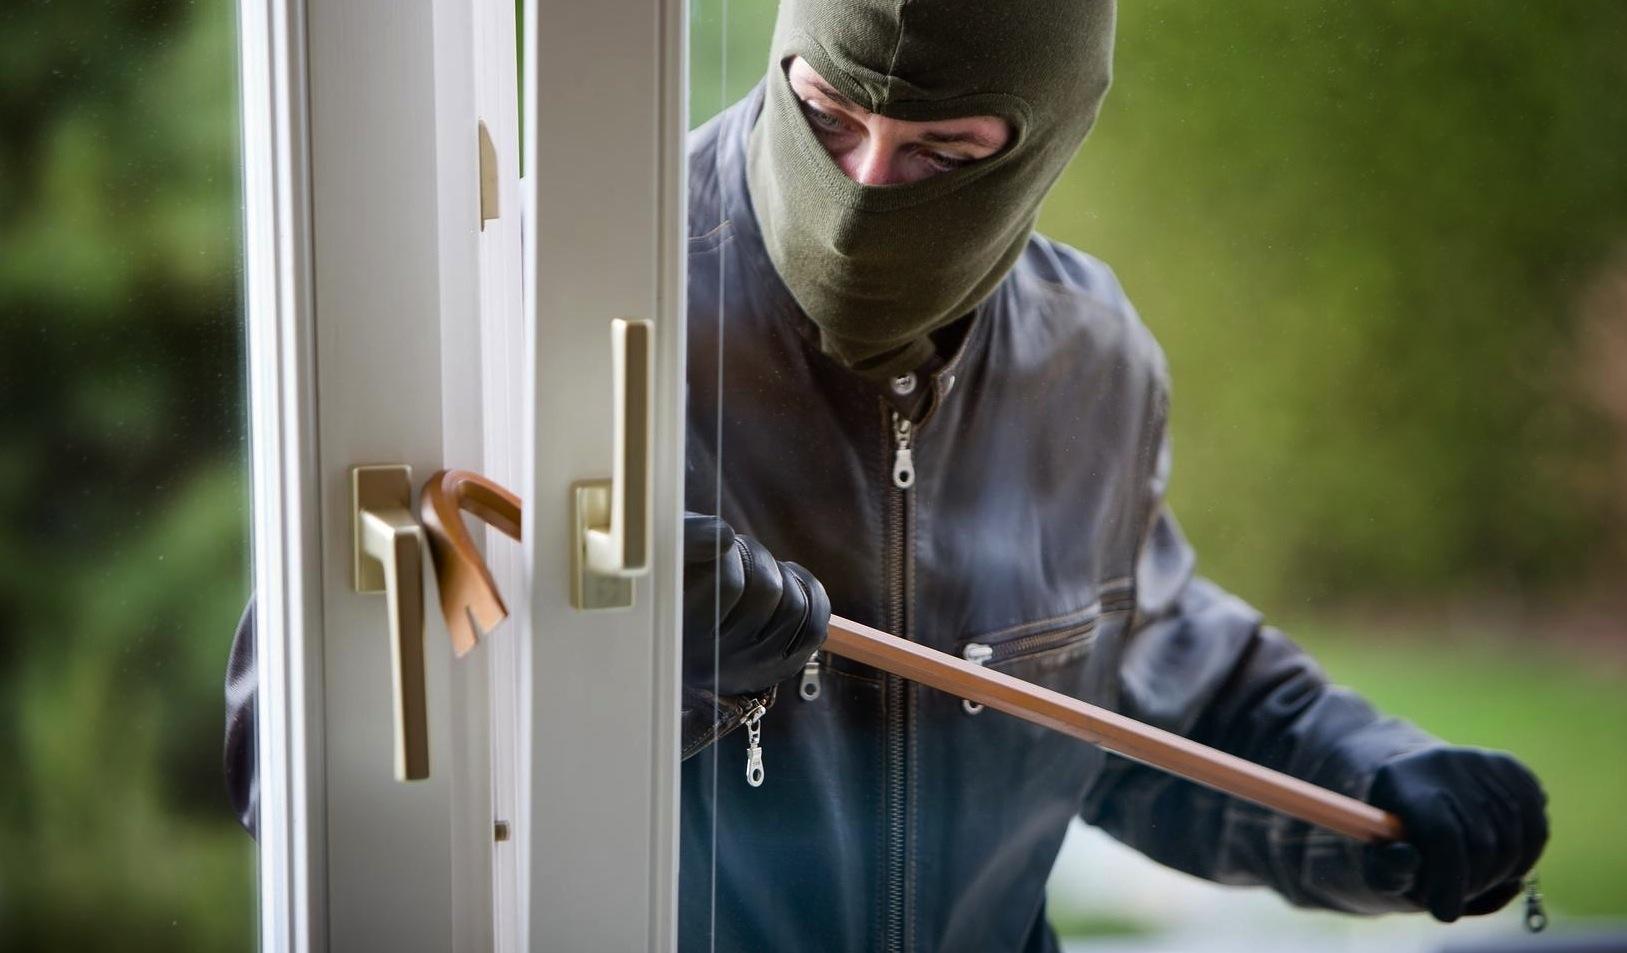 """Madre e figlia in casa, i ladri tentano di entrare: """"Terrore puro"""""""